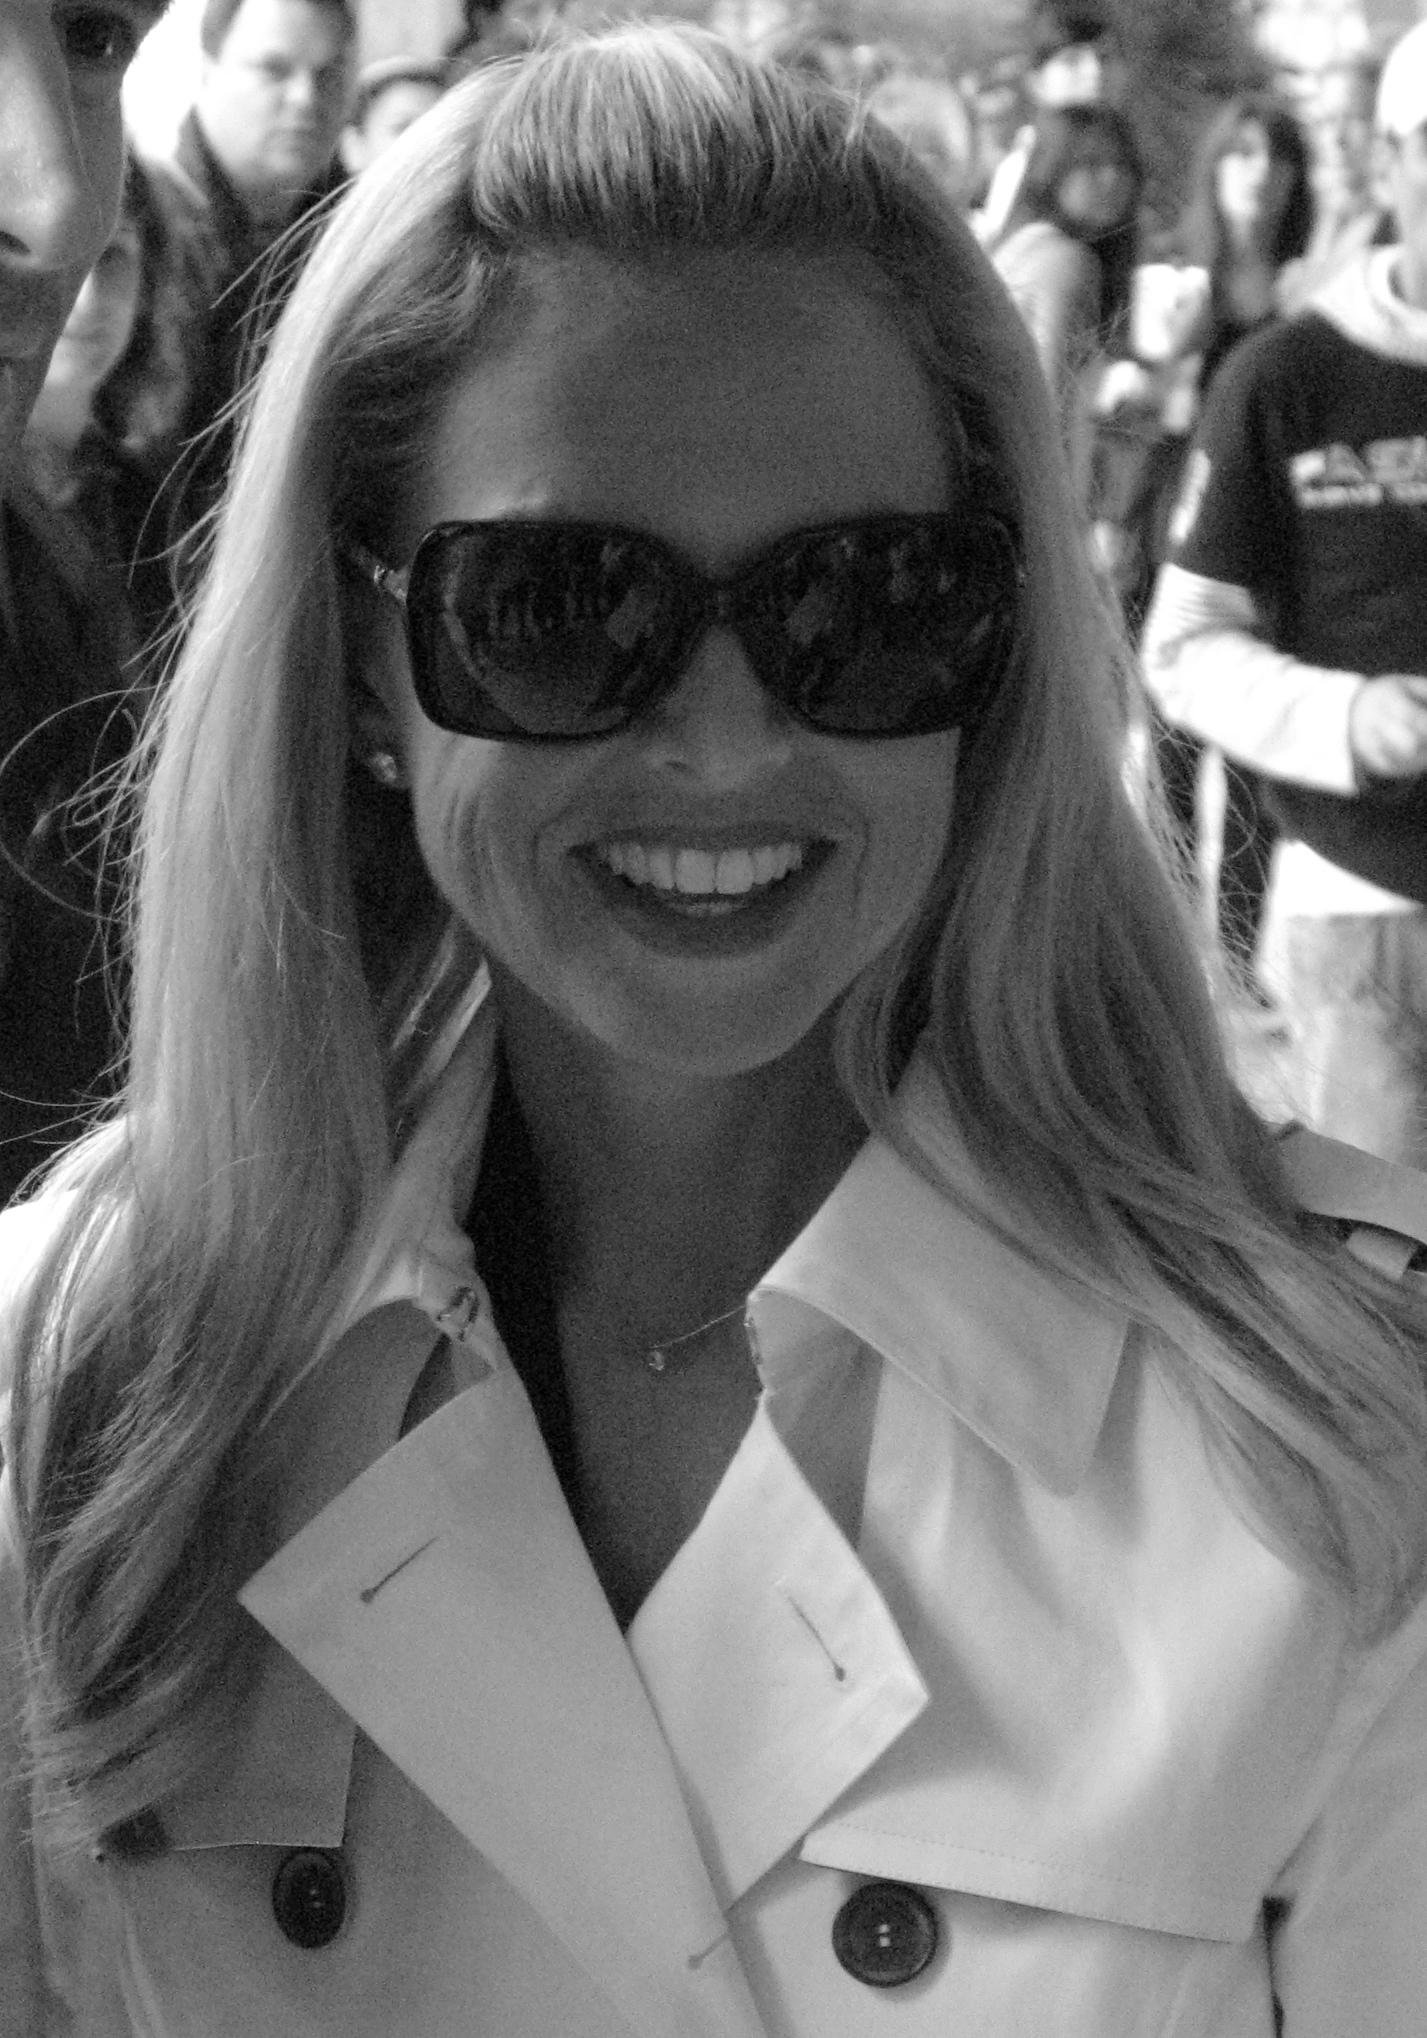 Zoe at a Diane Von Furstenberg show in September 2010